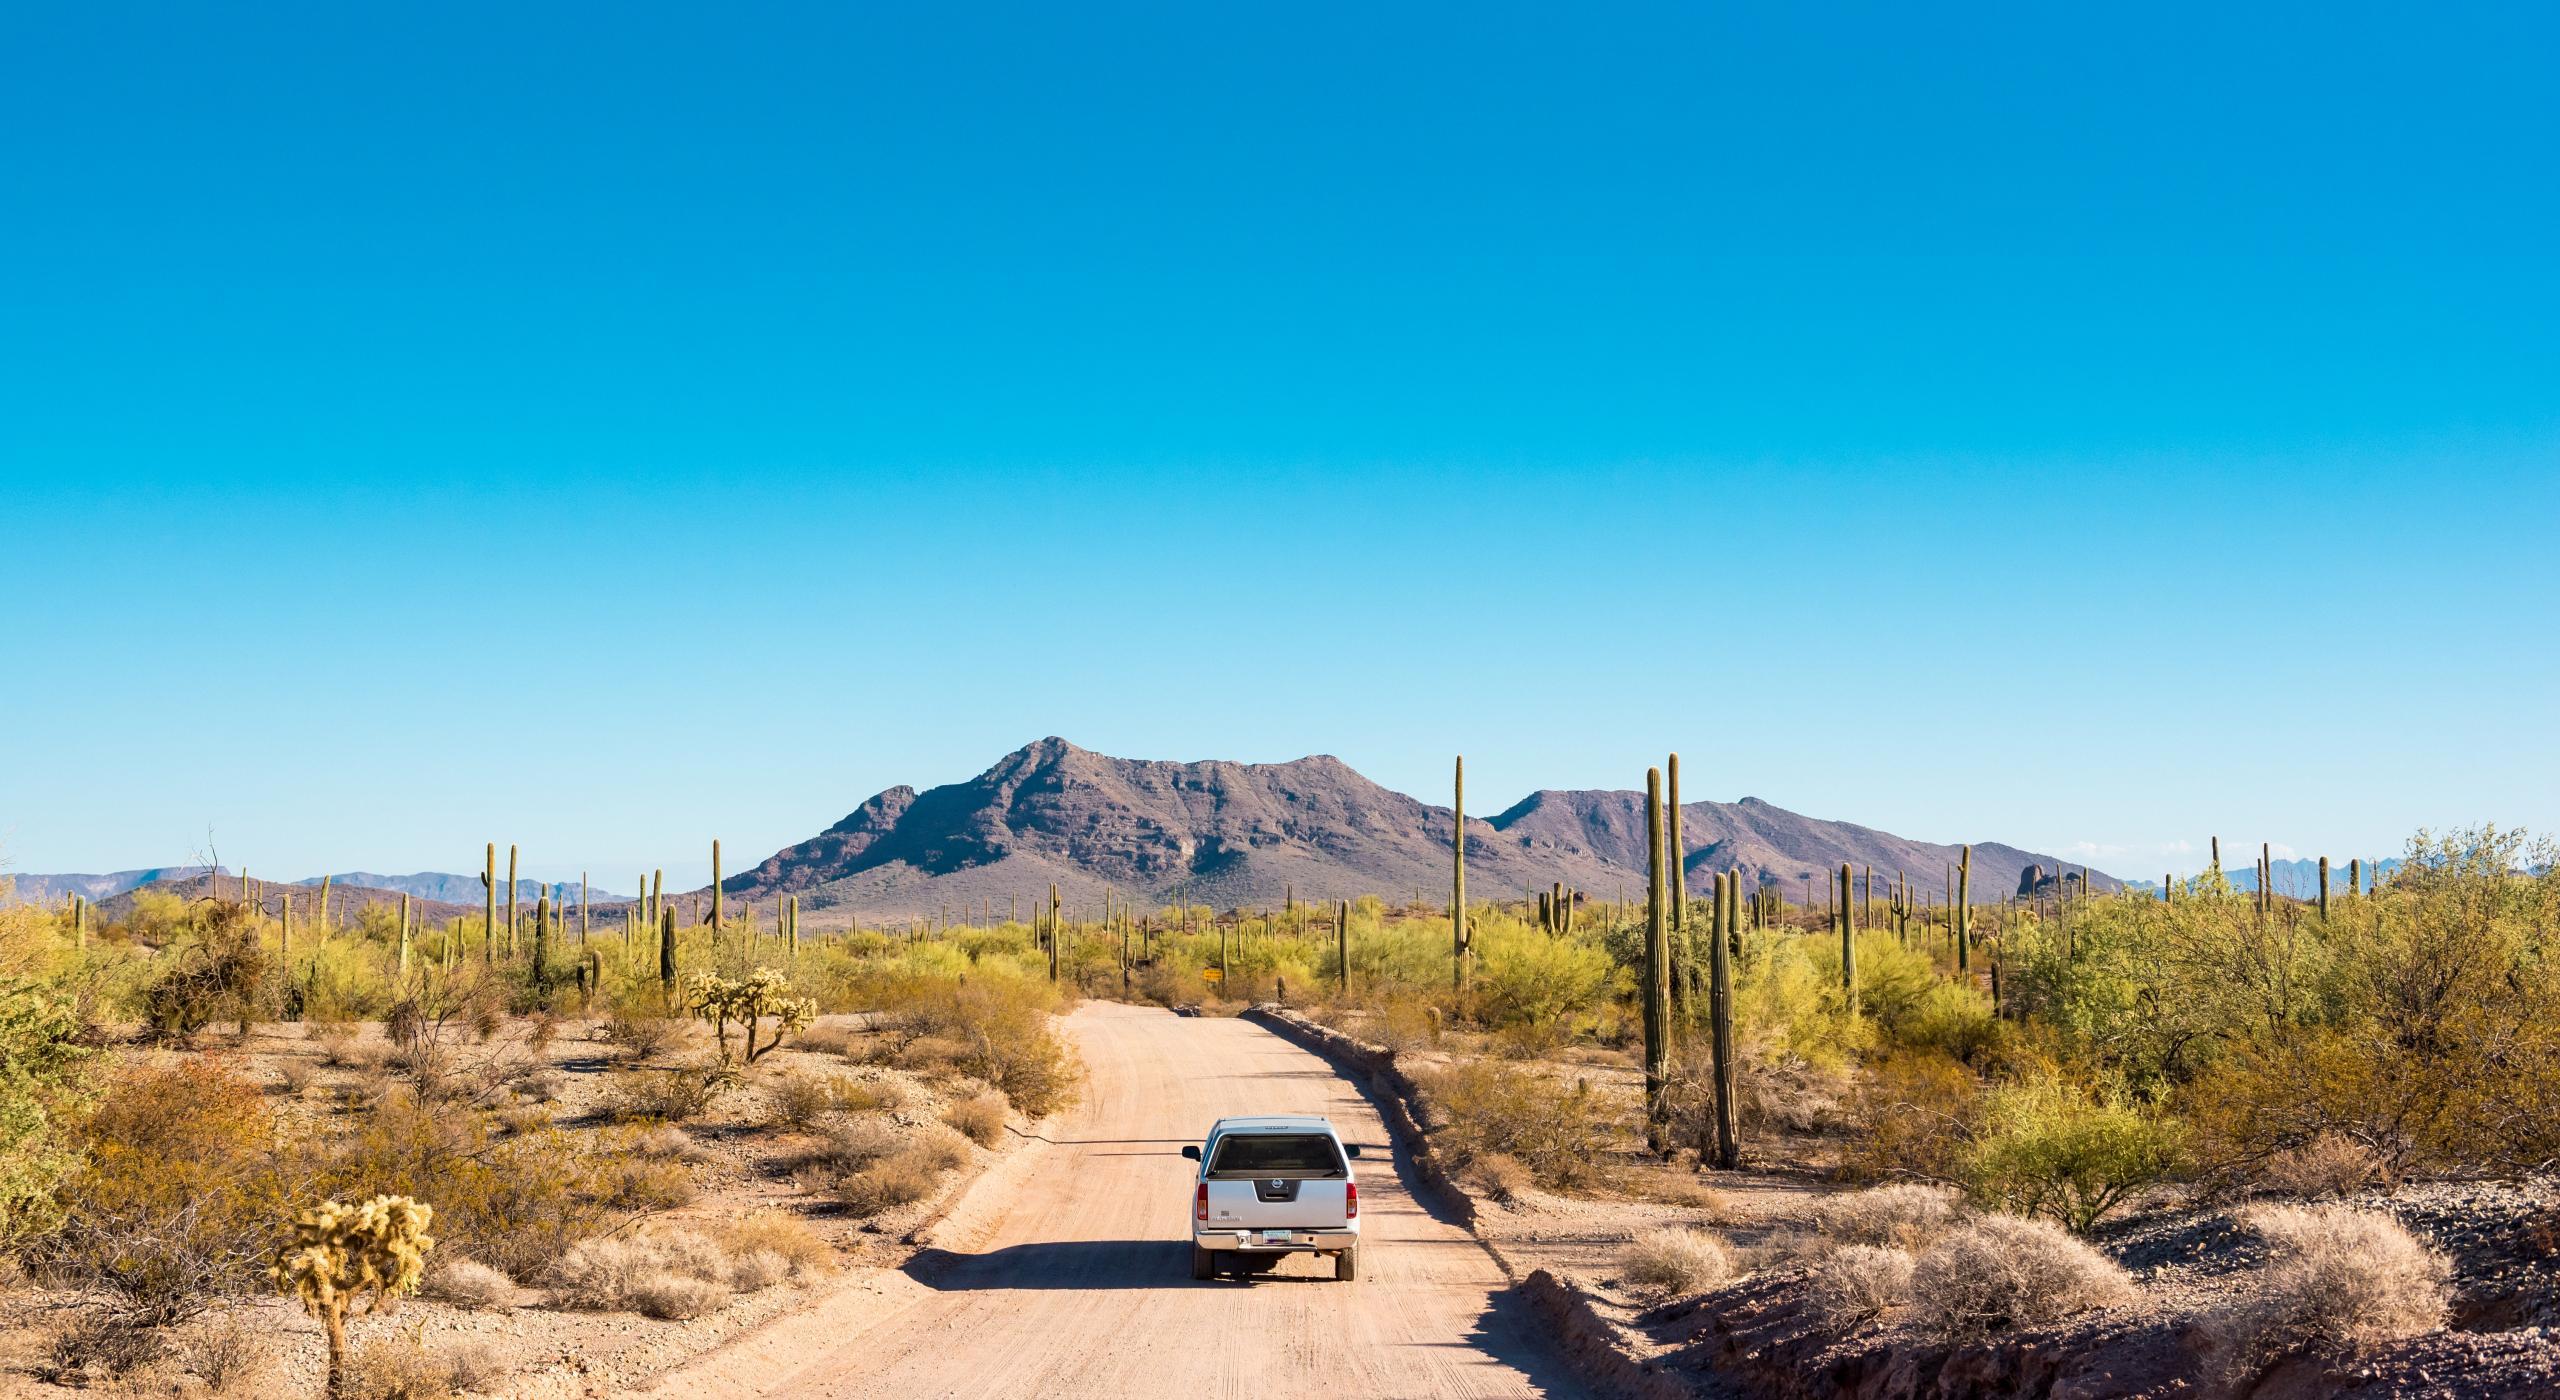 arizona road trip itinerary explore desert and mountain towns arizona road trip itinerary explore